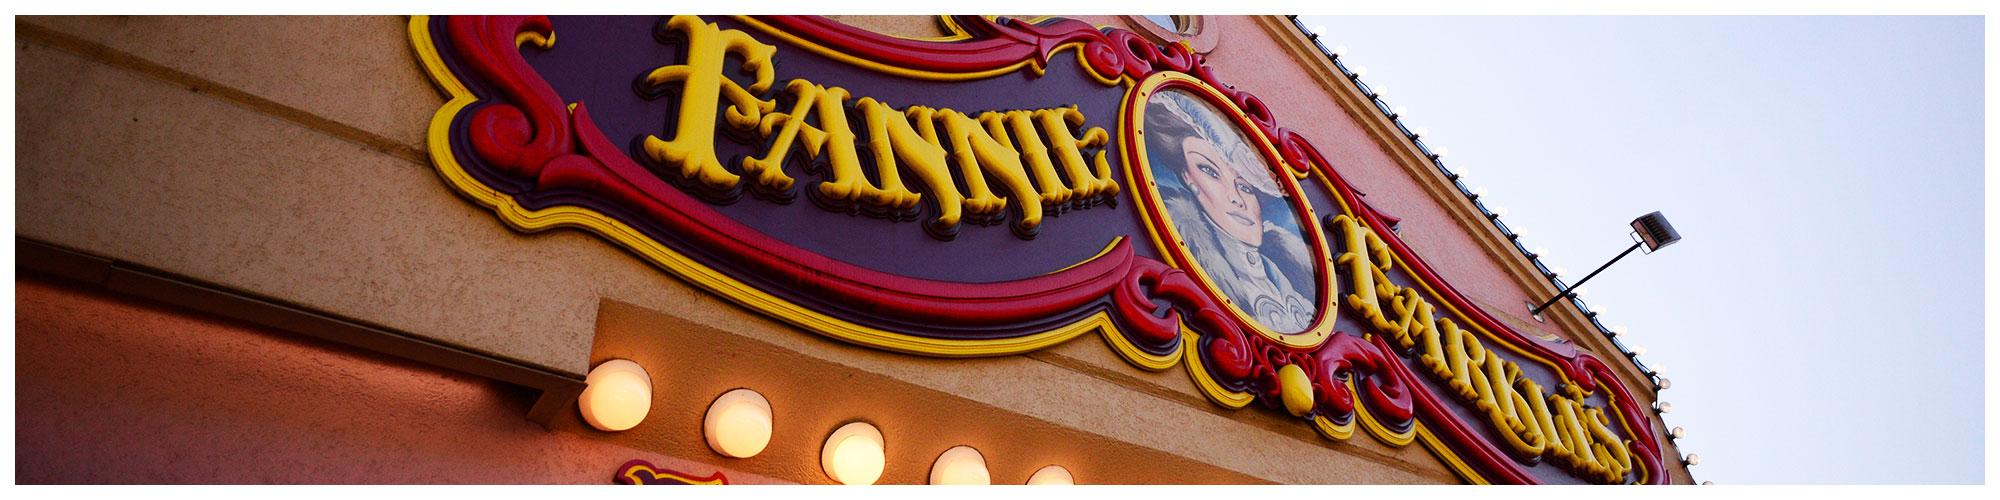 Fannie Farkle's (Header Background)   Gatlinburg Attractions